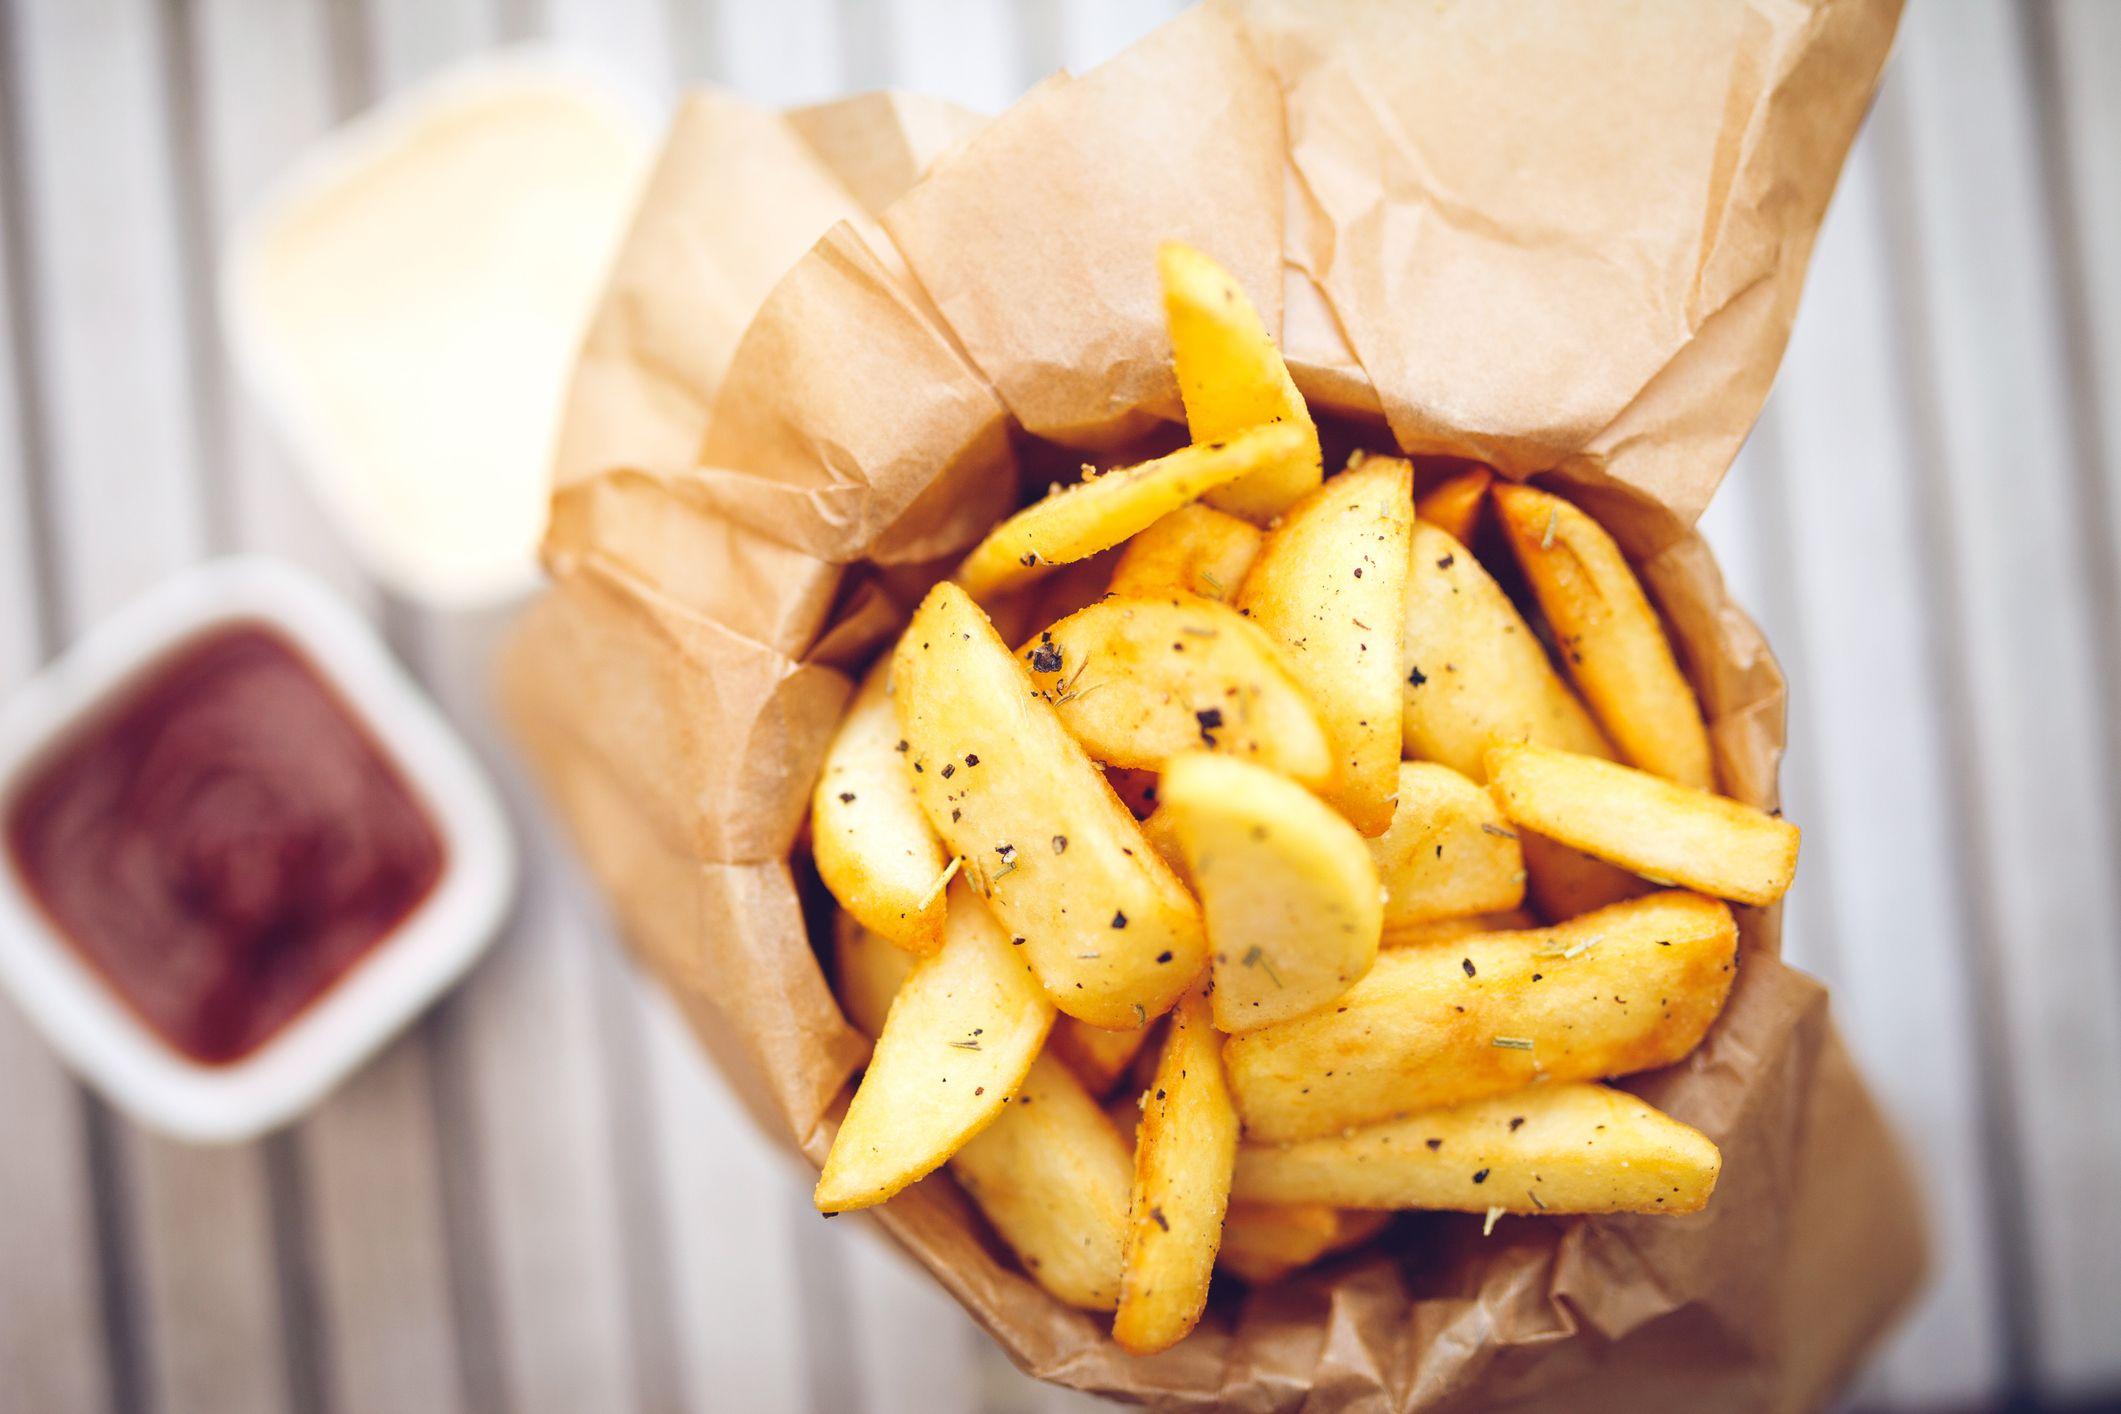 La frittura meglio di un'insalatona, tutti i segreti della cottura migliore